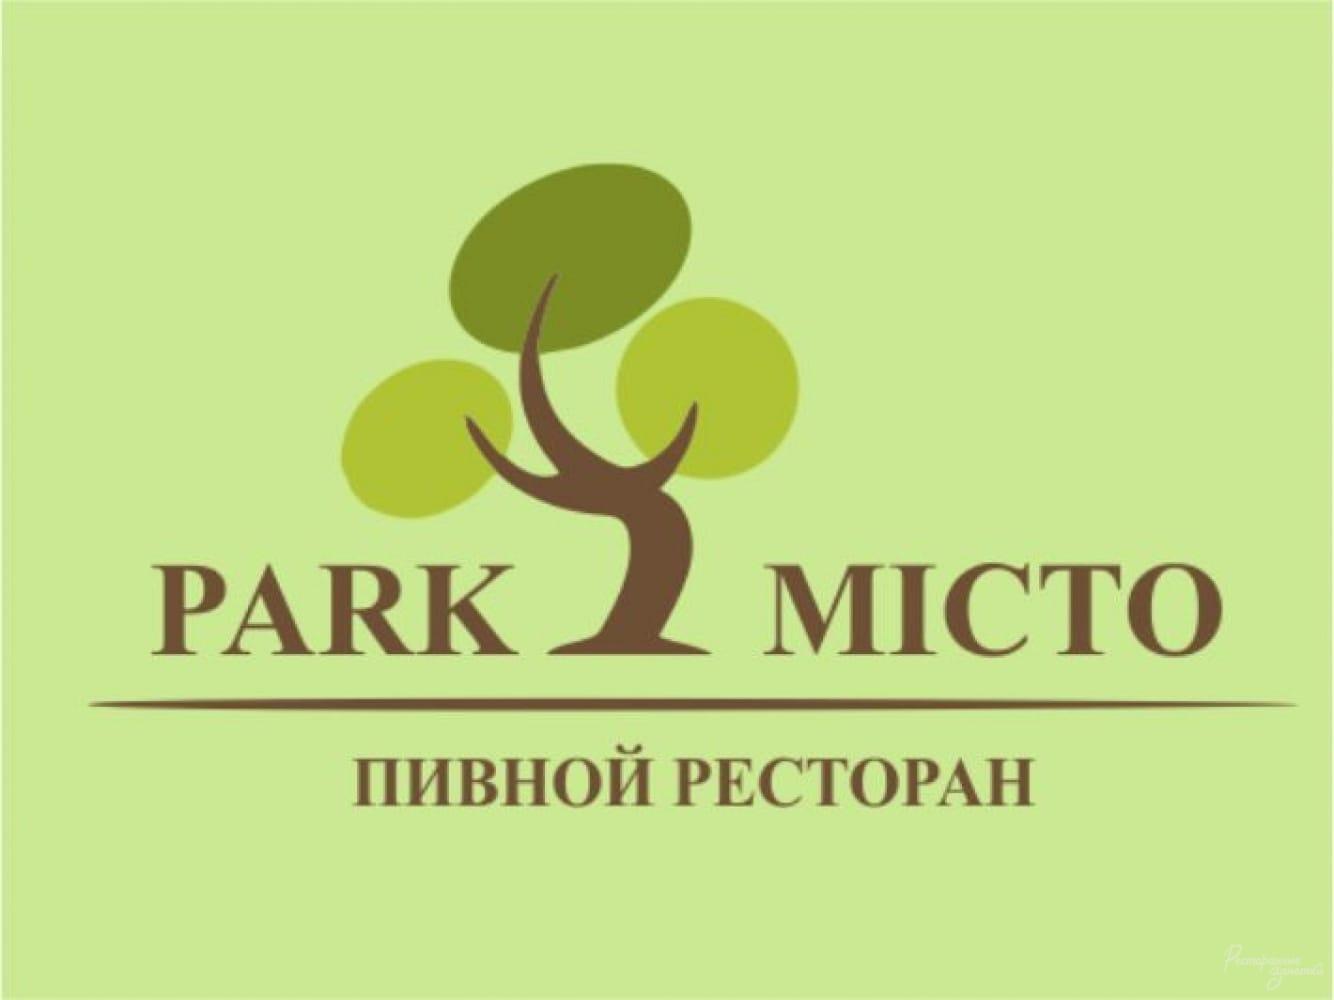 Пивной ресторан PARK МІСТО, Харьков